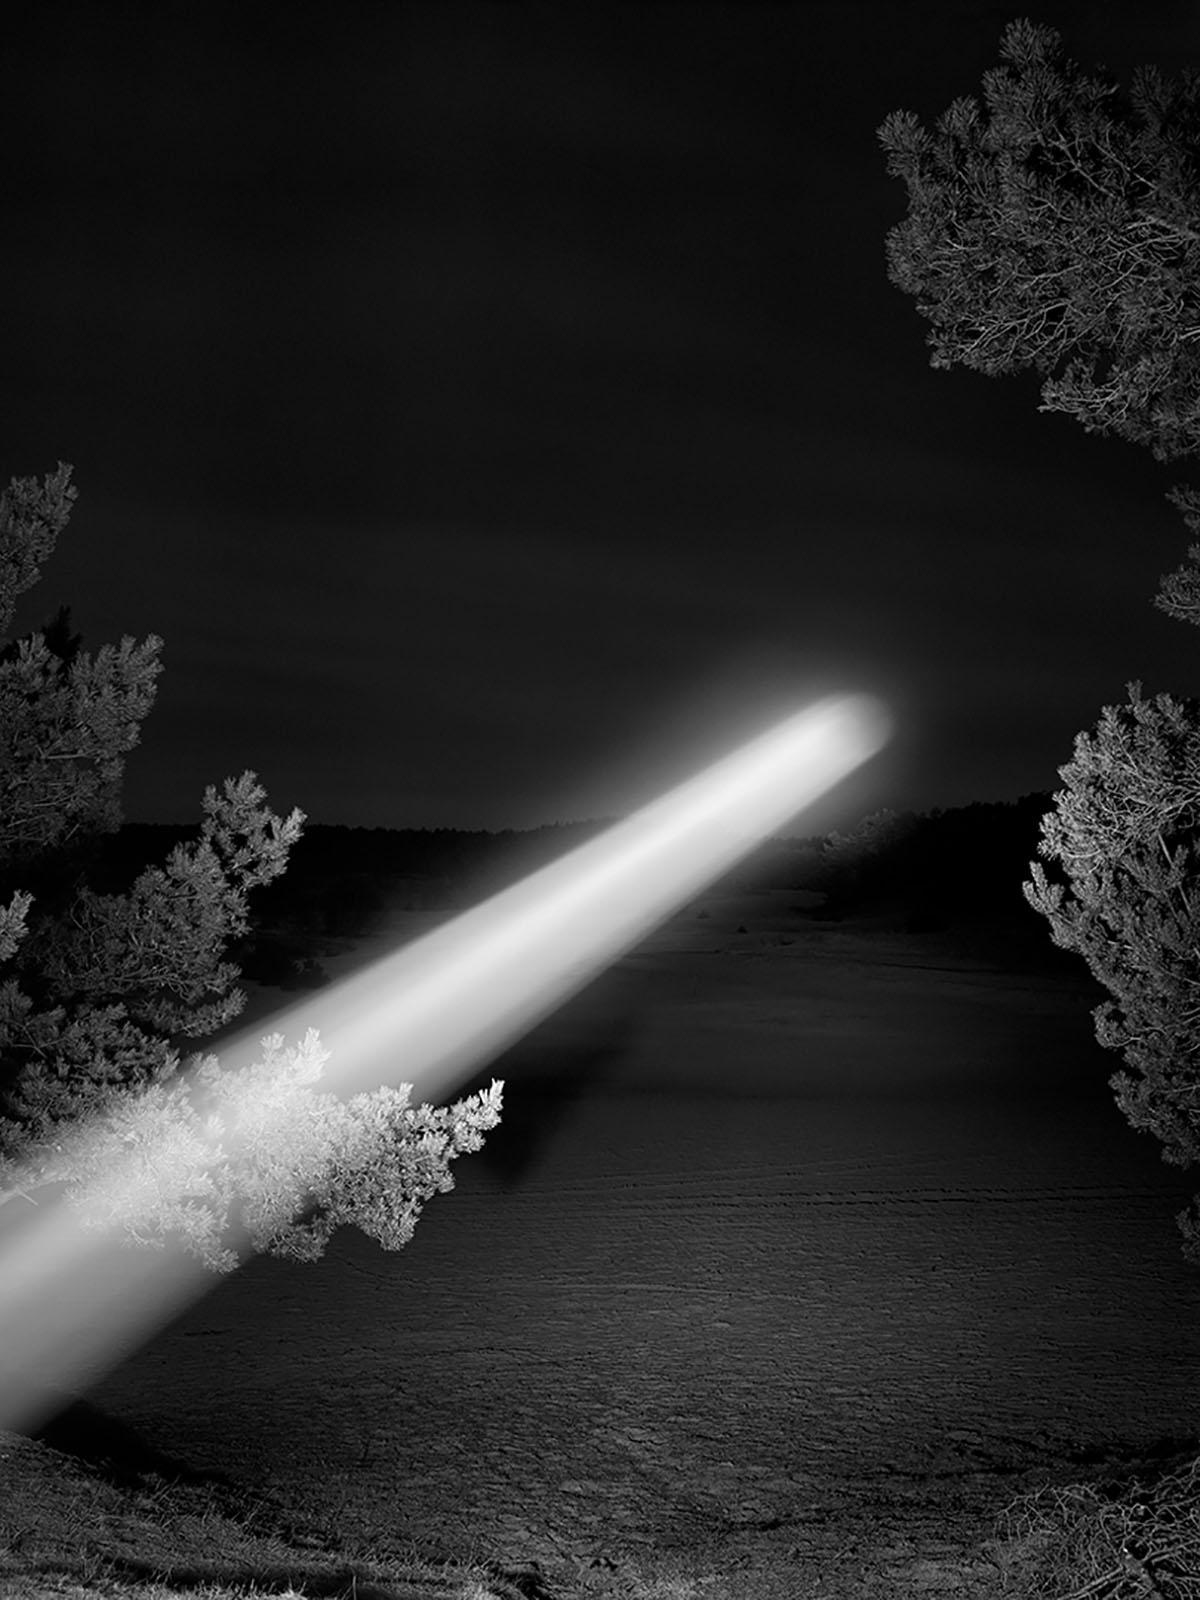 Light, Carson Lynn visible, inf - elloblog | ello